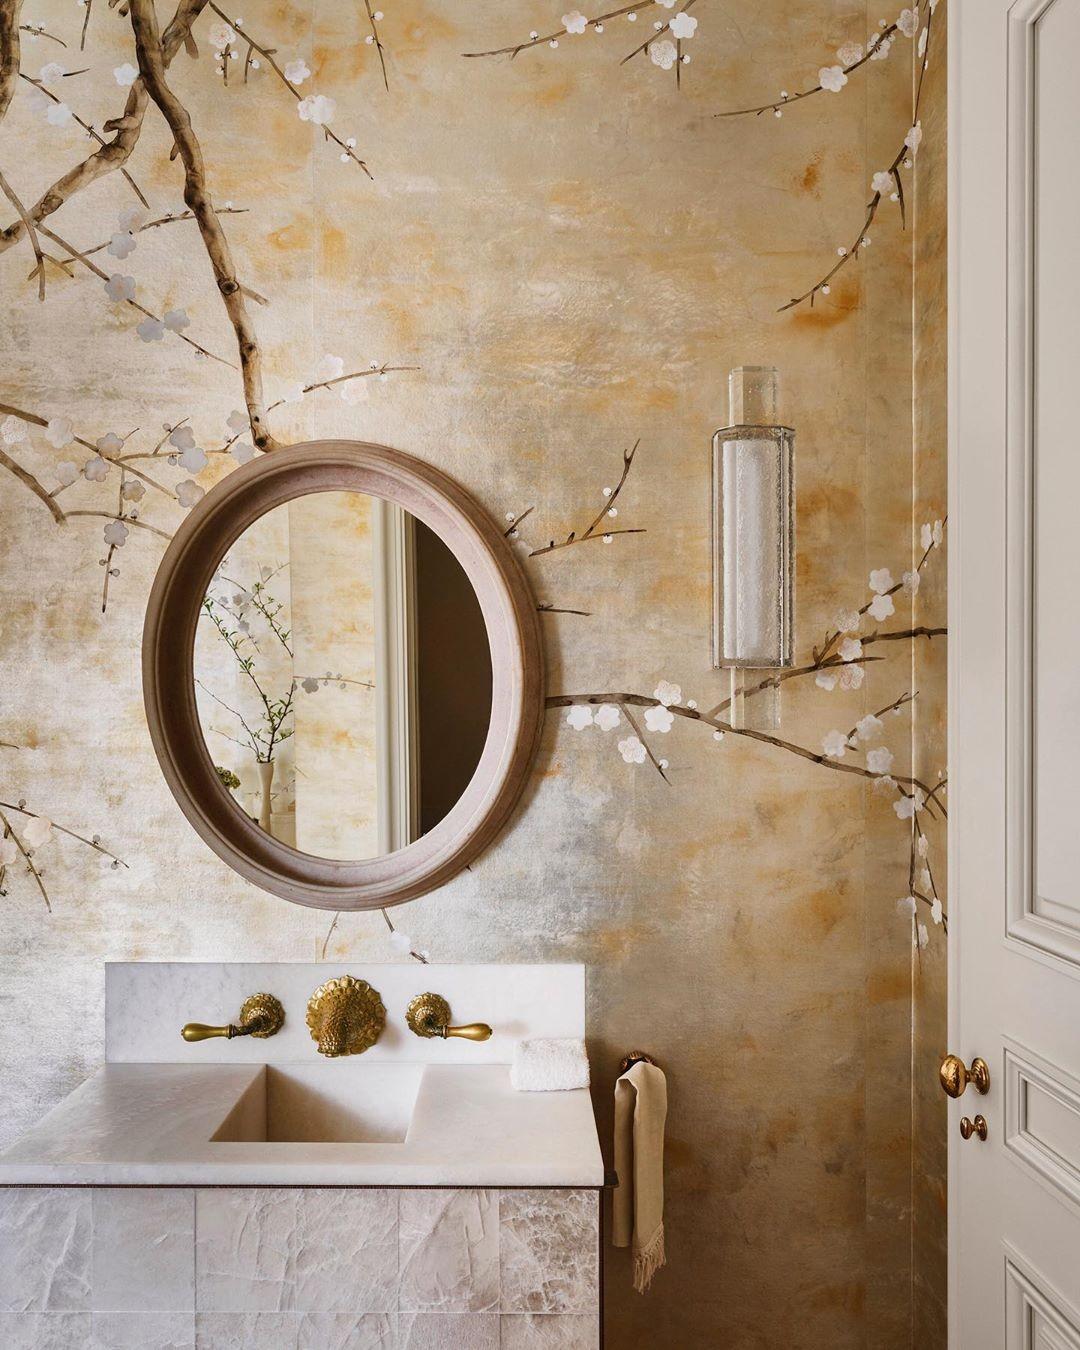 Como decorar banheiro: ideias e dicas para não errar (Foto: Manolo Yllera)